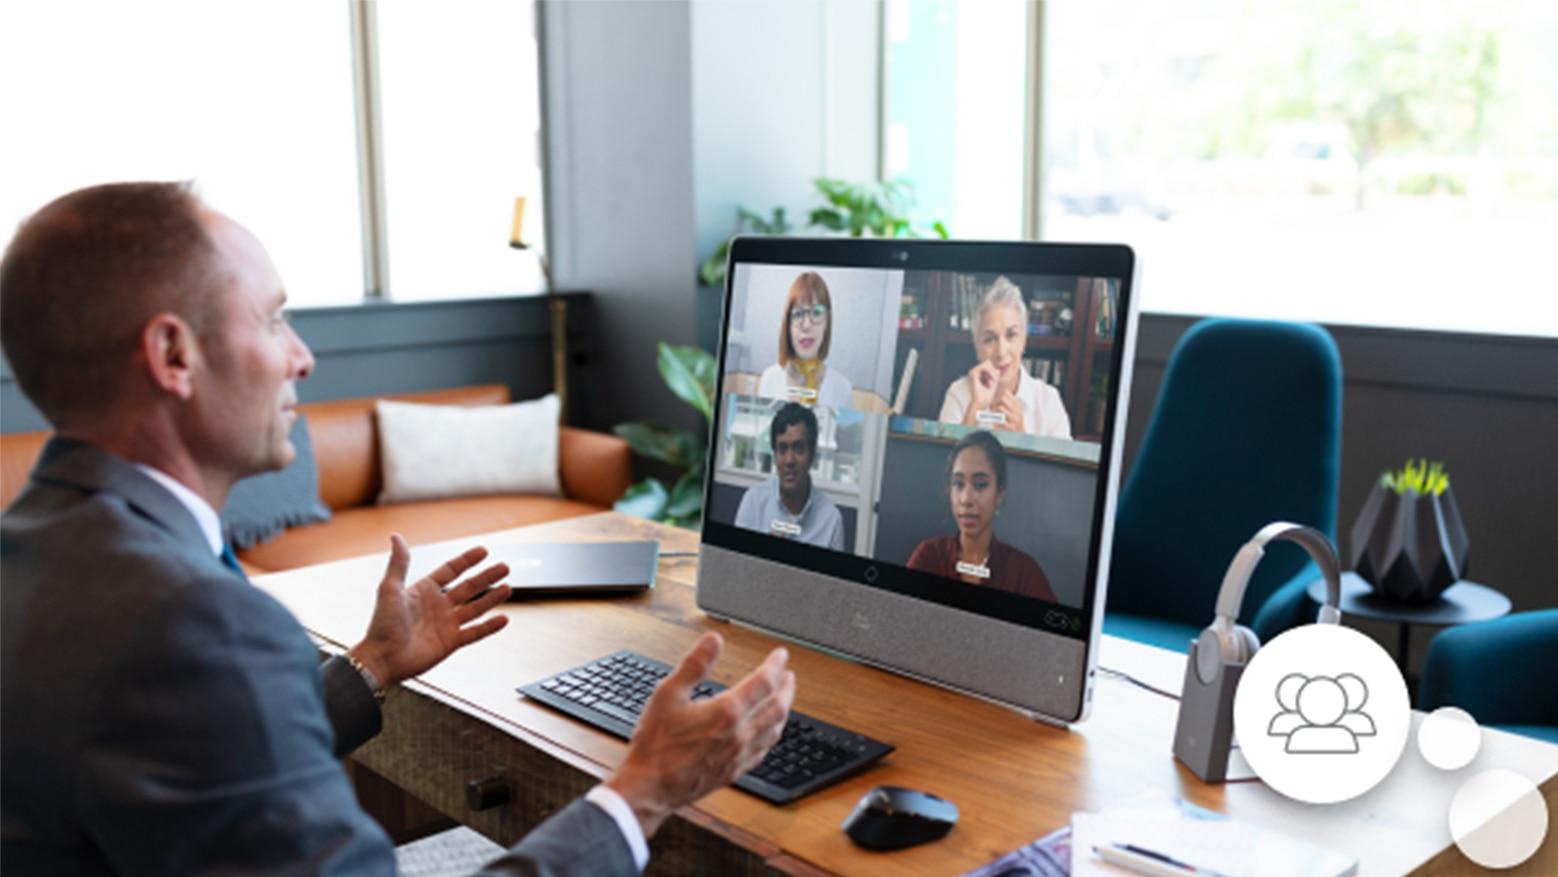 Representação visual de pessoas conectadas